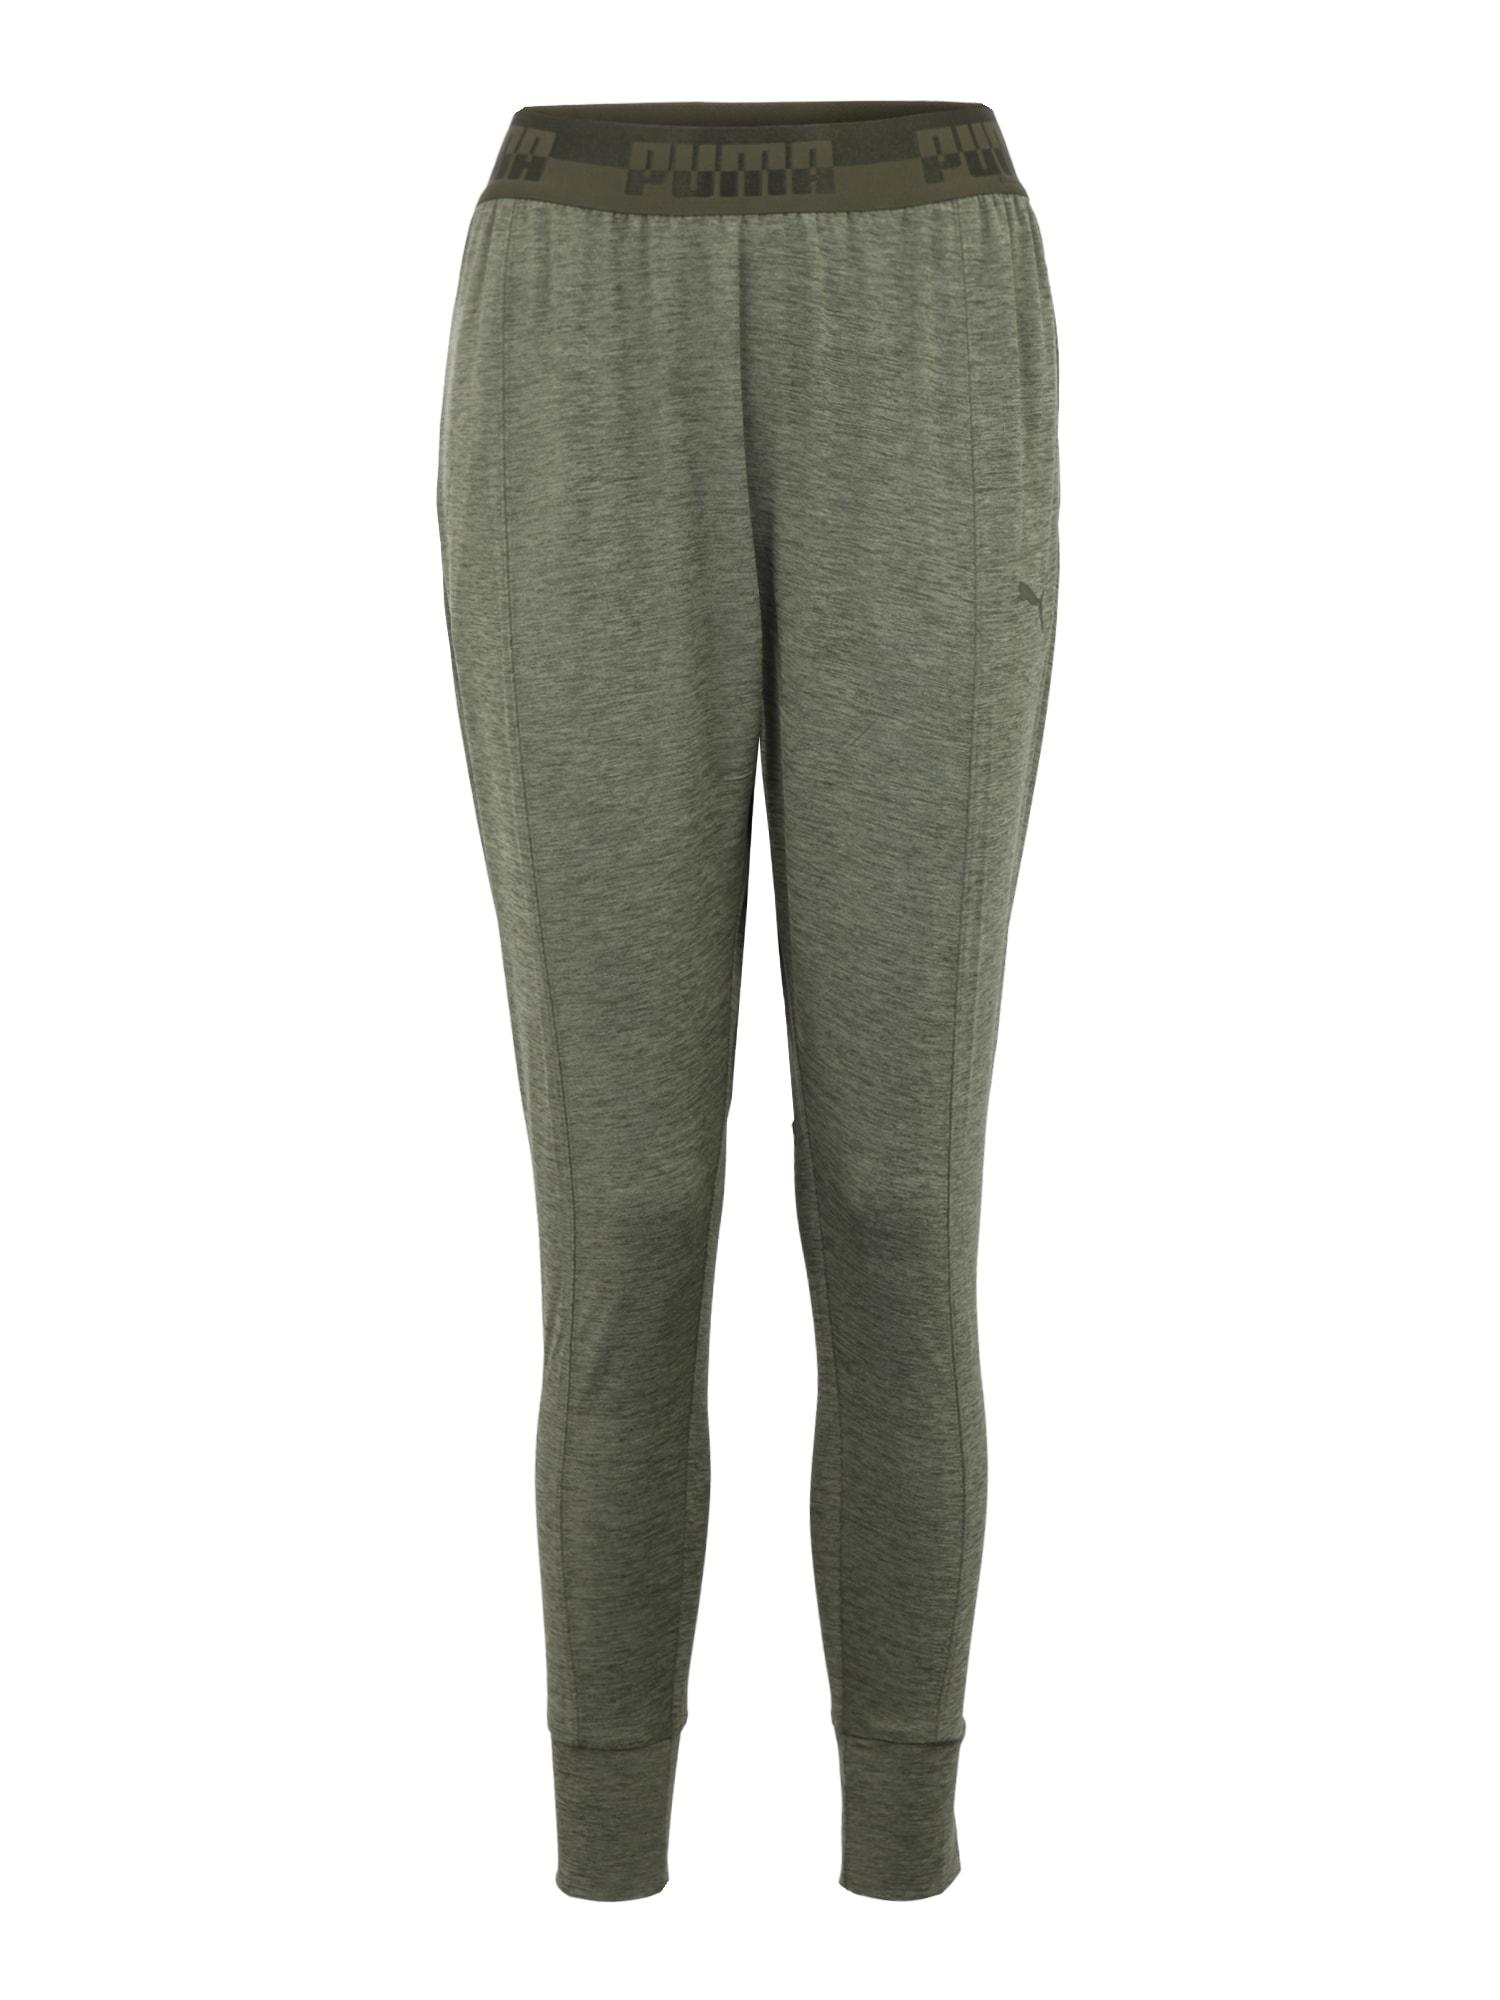 Sportovní kalhoty SOFT SPORT Drapey zelená khaki PUMA